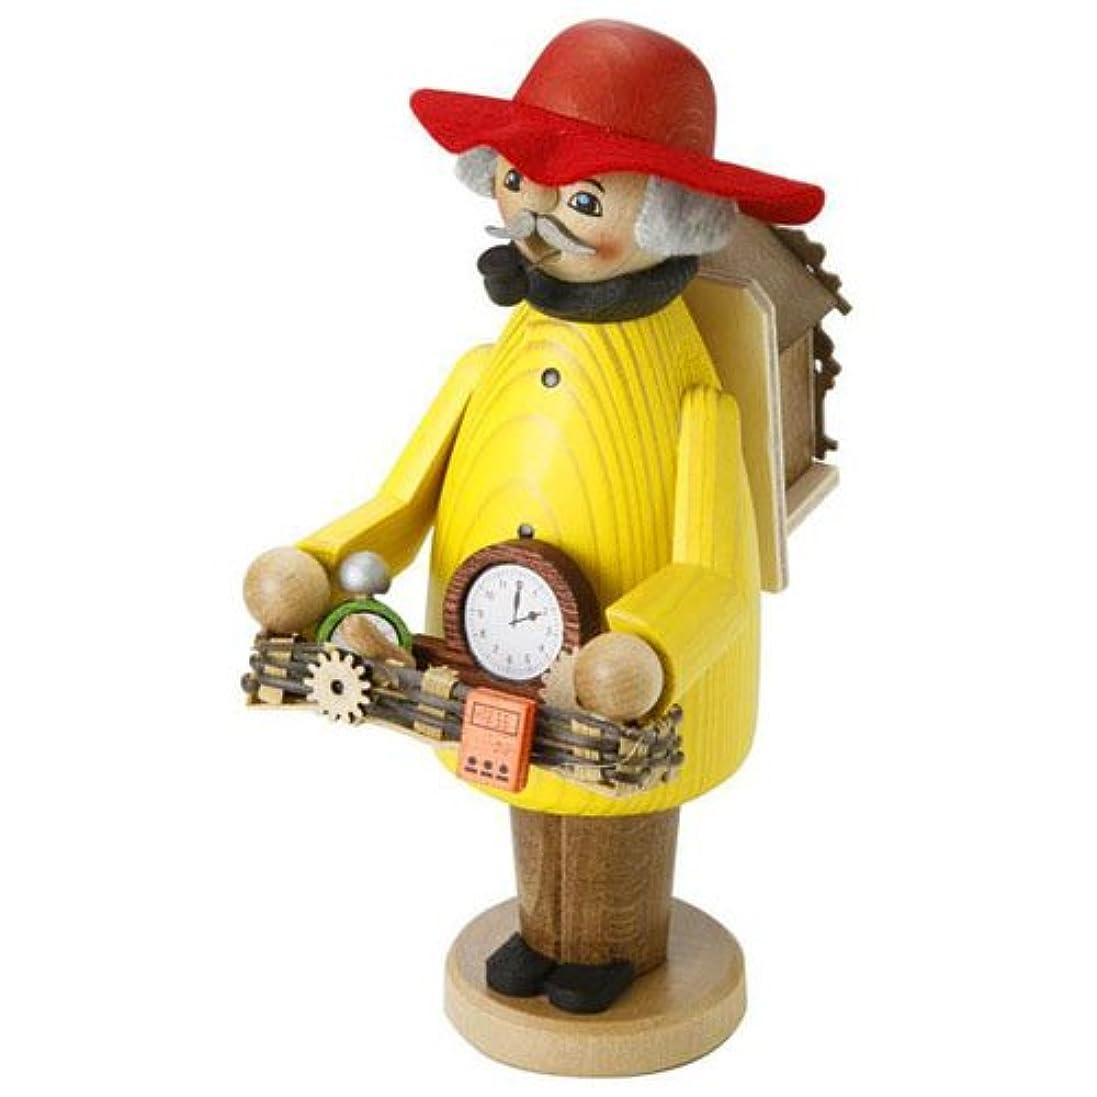 ボイコットファセット電卓kuhnert ミニパイプ人形香炉 時計売り